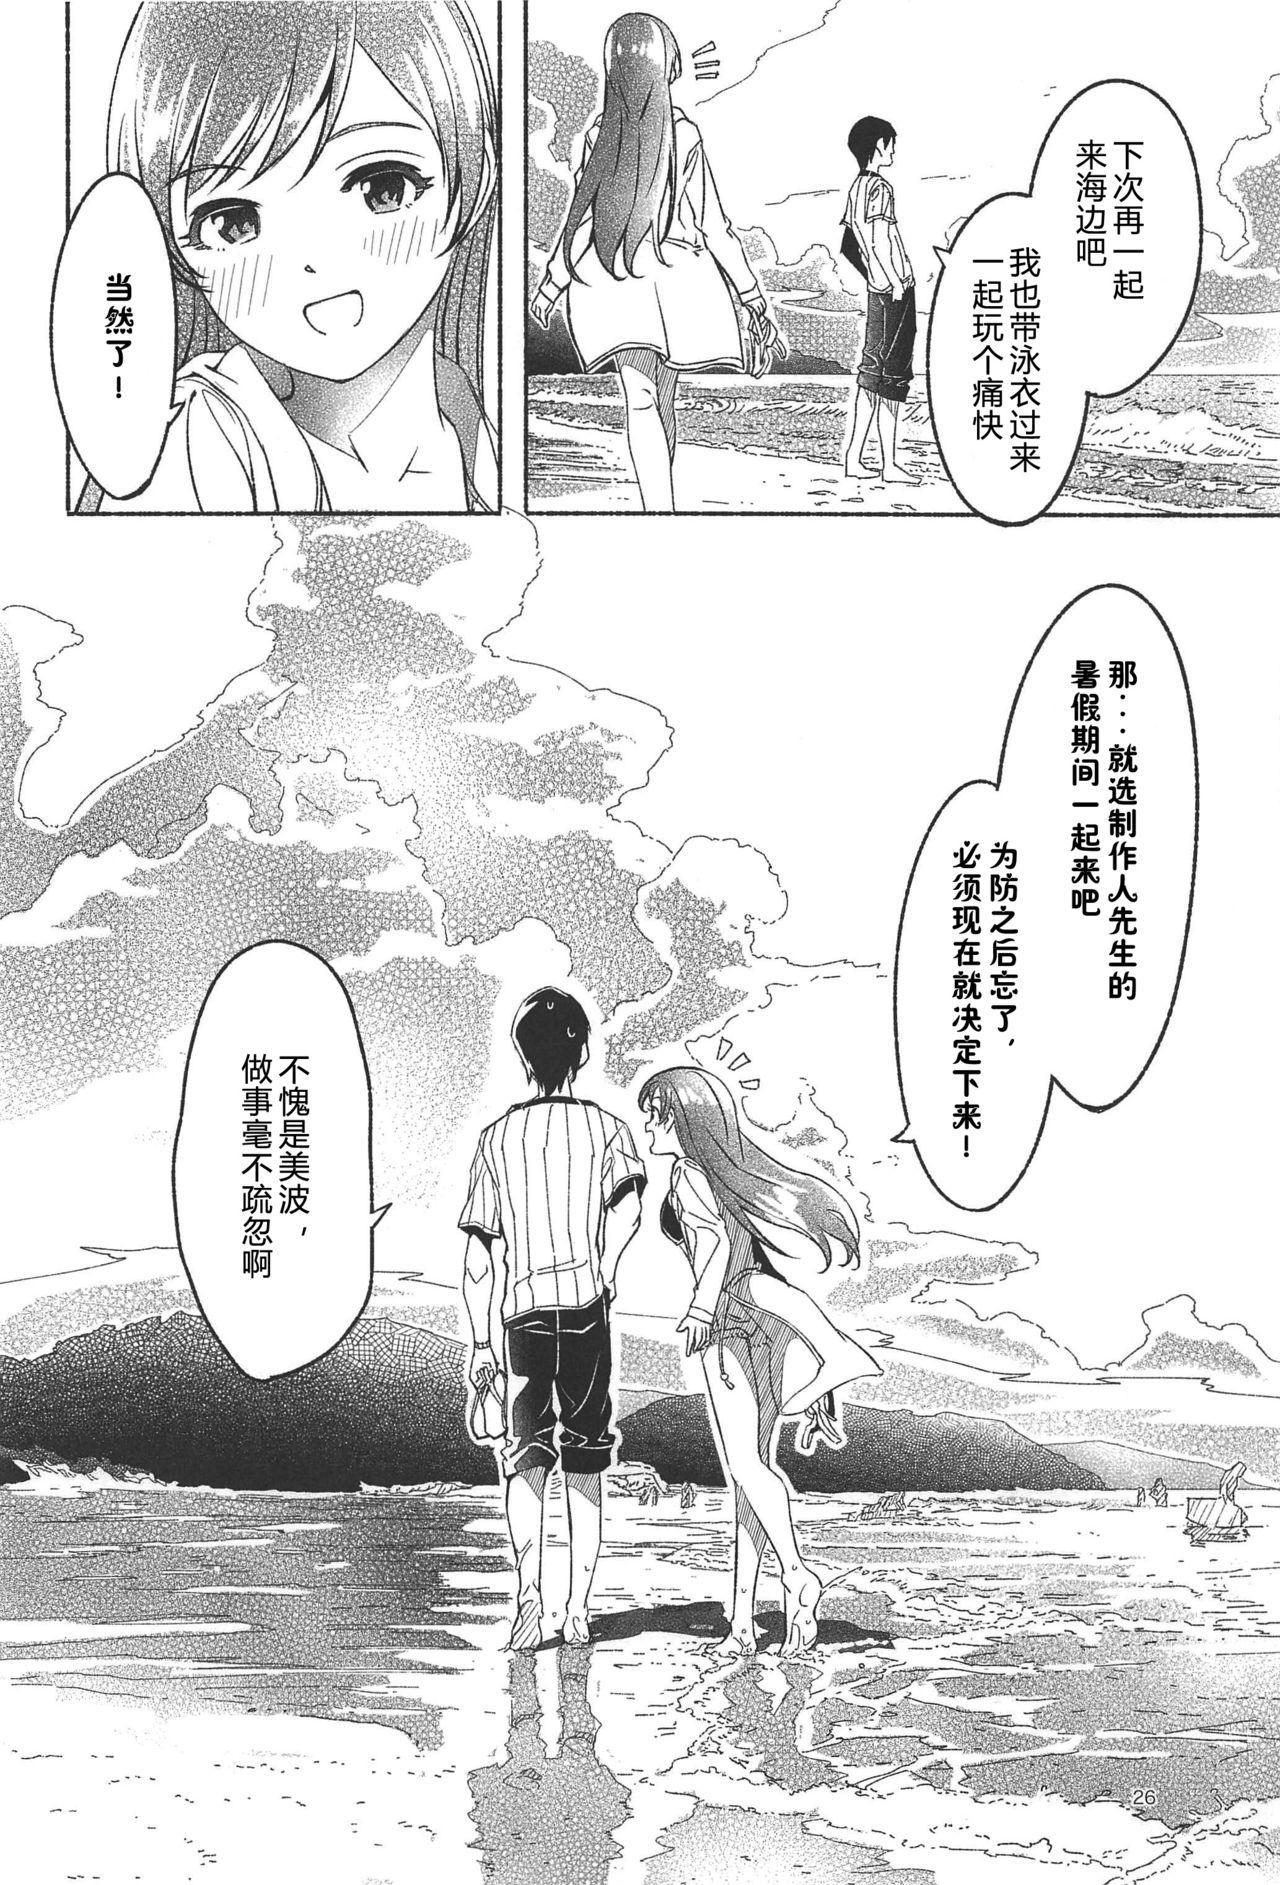 Nagisa no Hanayome 30